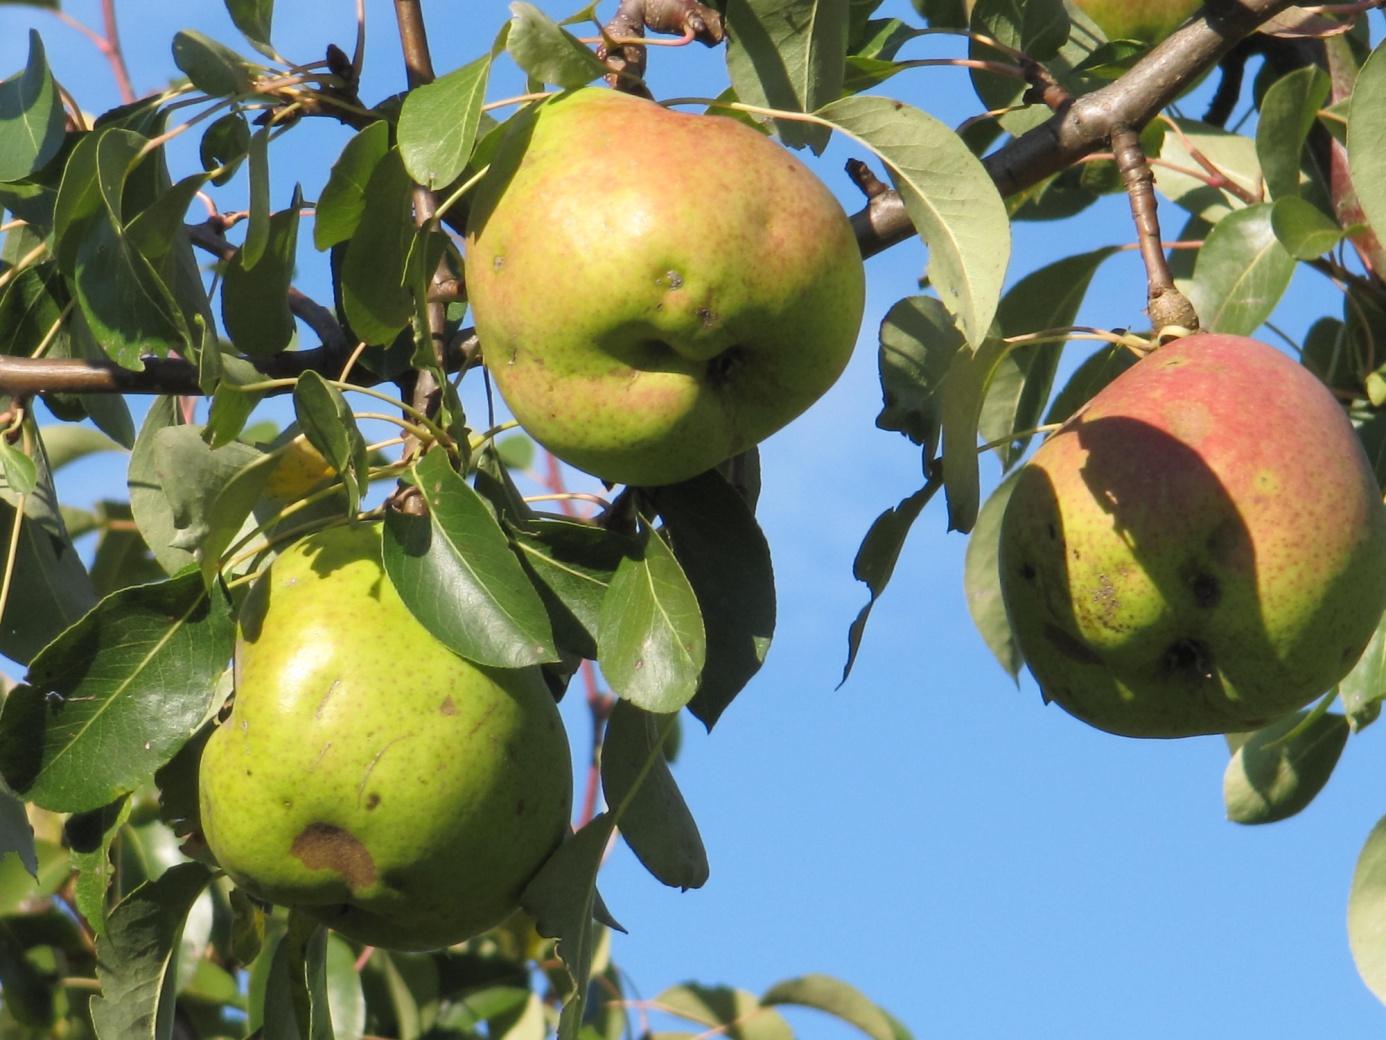 C:\Users\Hans\BUND, Naturschutz\Biotoppflege, Fotos\OWC, Birnensorte Alexander Lukas (5).JPG